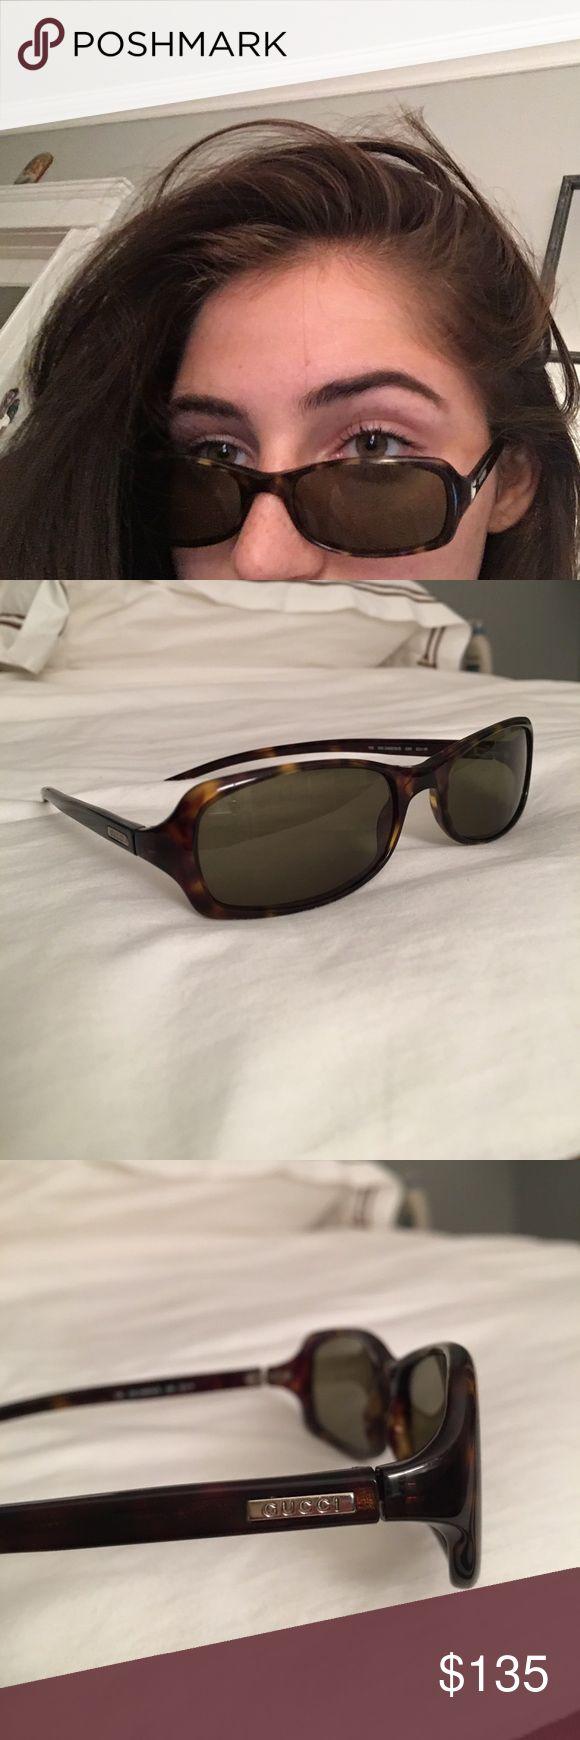 Black/brown Gucci sunglasses Super cute Gucci sunglasses. They are in great condition! Gucci Accessories Sunglasses